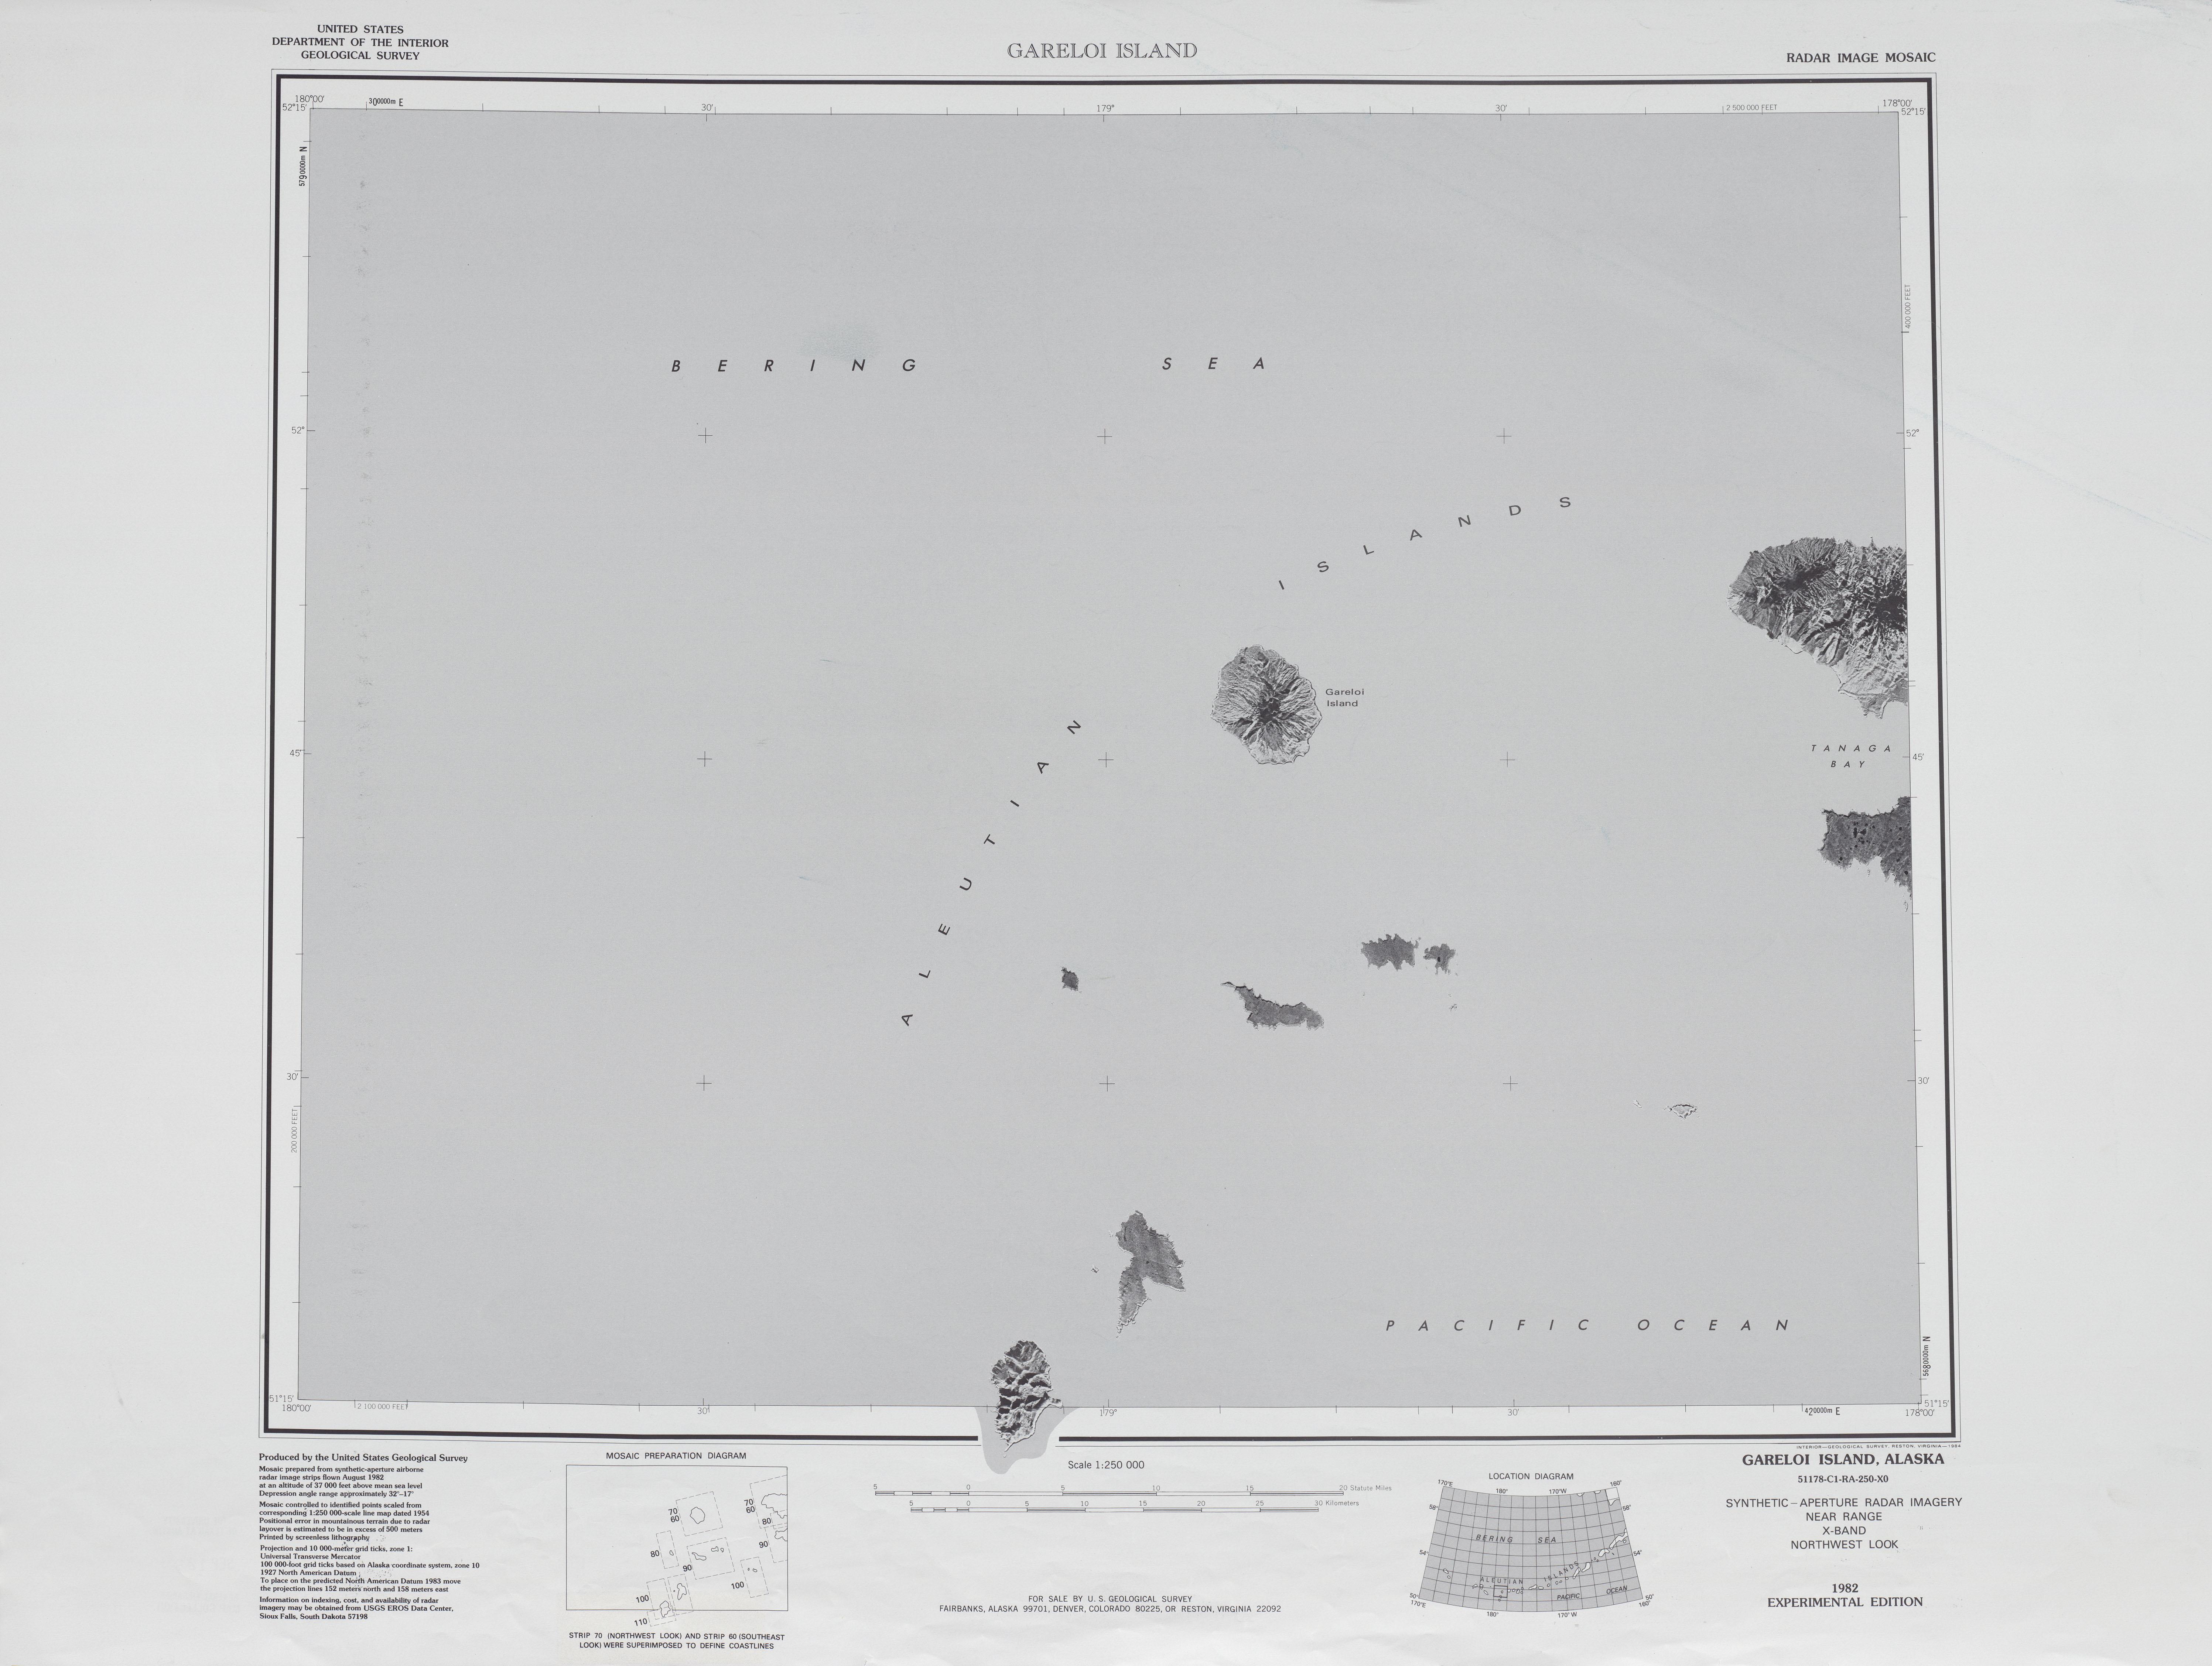 Gareloi Island Radar Image Mosaic Sheet, United States 1983